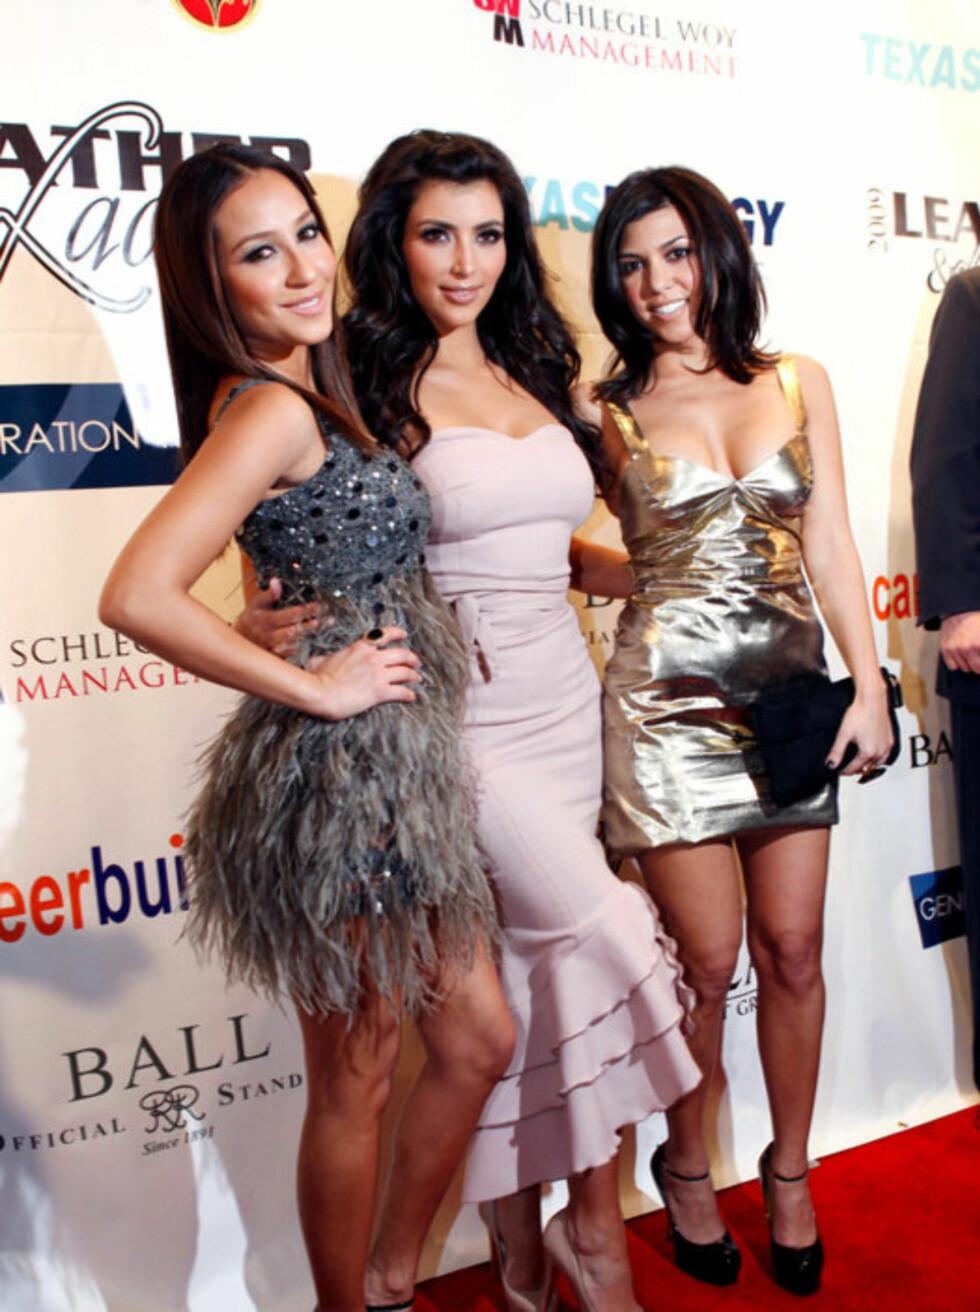 PARTYSØSTRE: Skandaleombruste Kim Kardashian (midten) har med seg søstrene Kourtney og Khloe til Florida. Foto: Stella